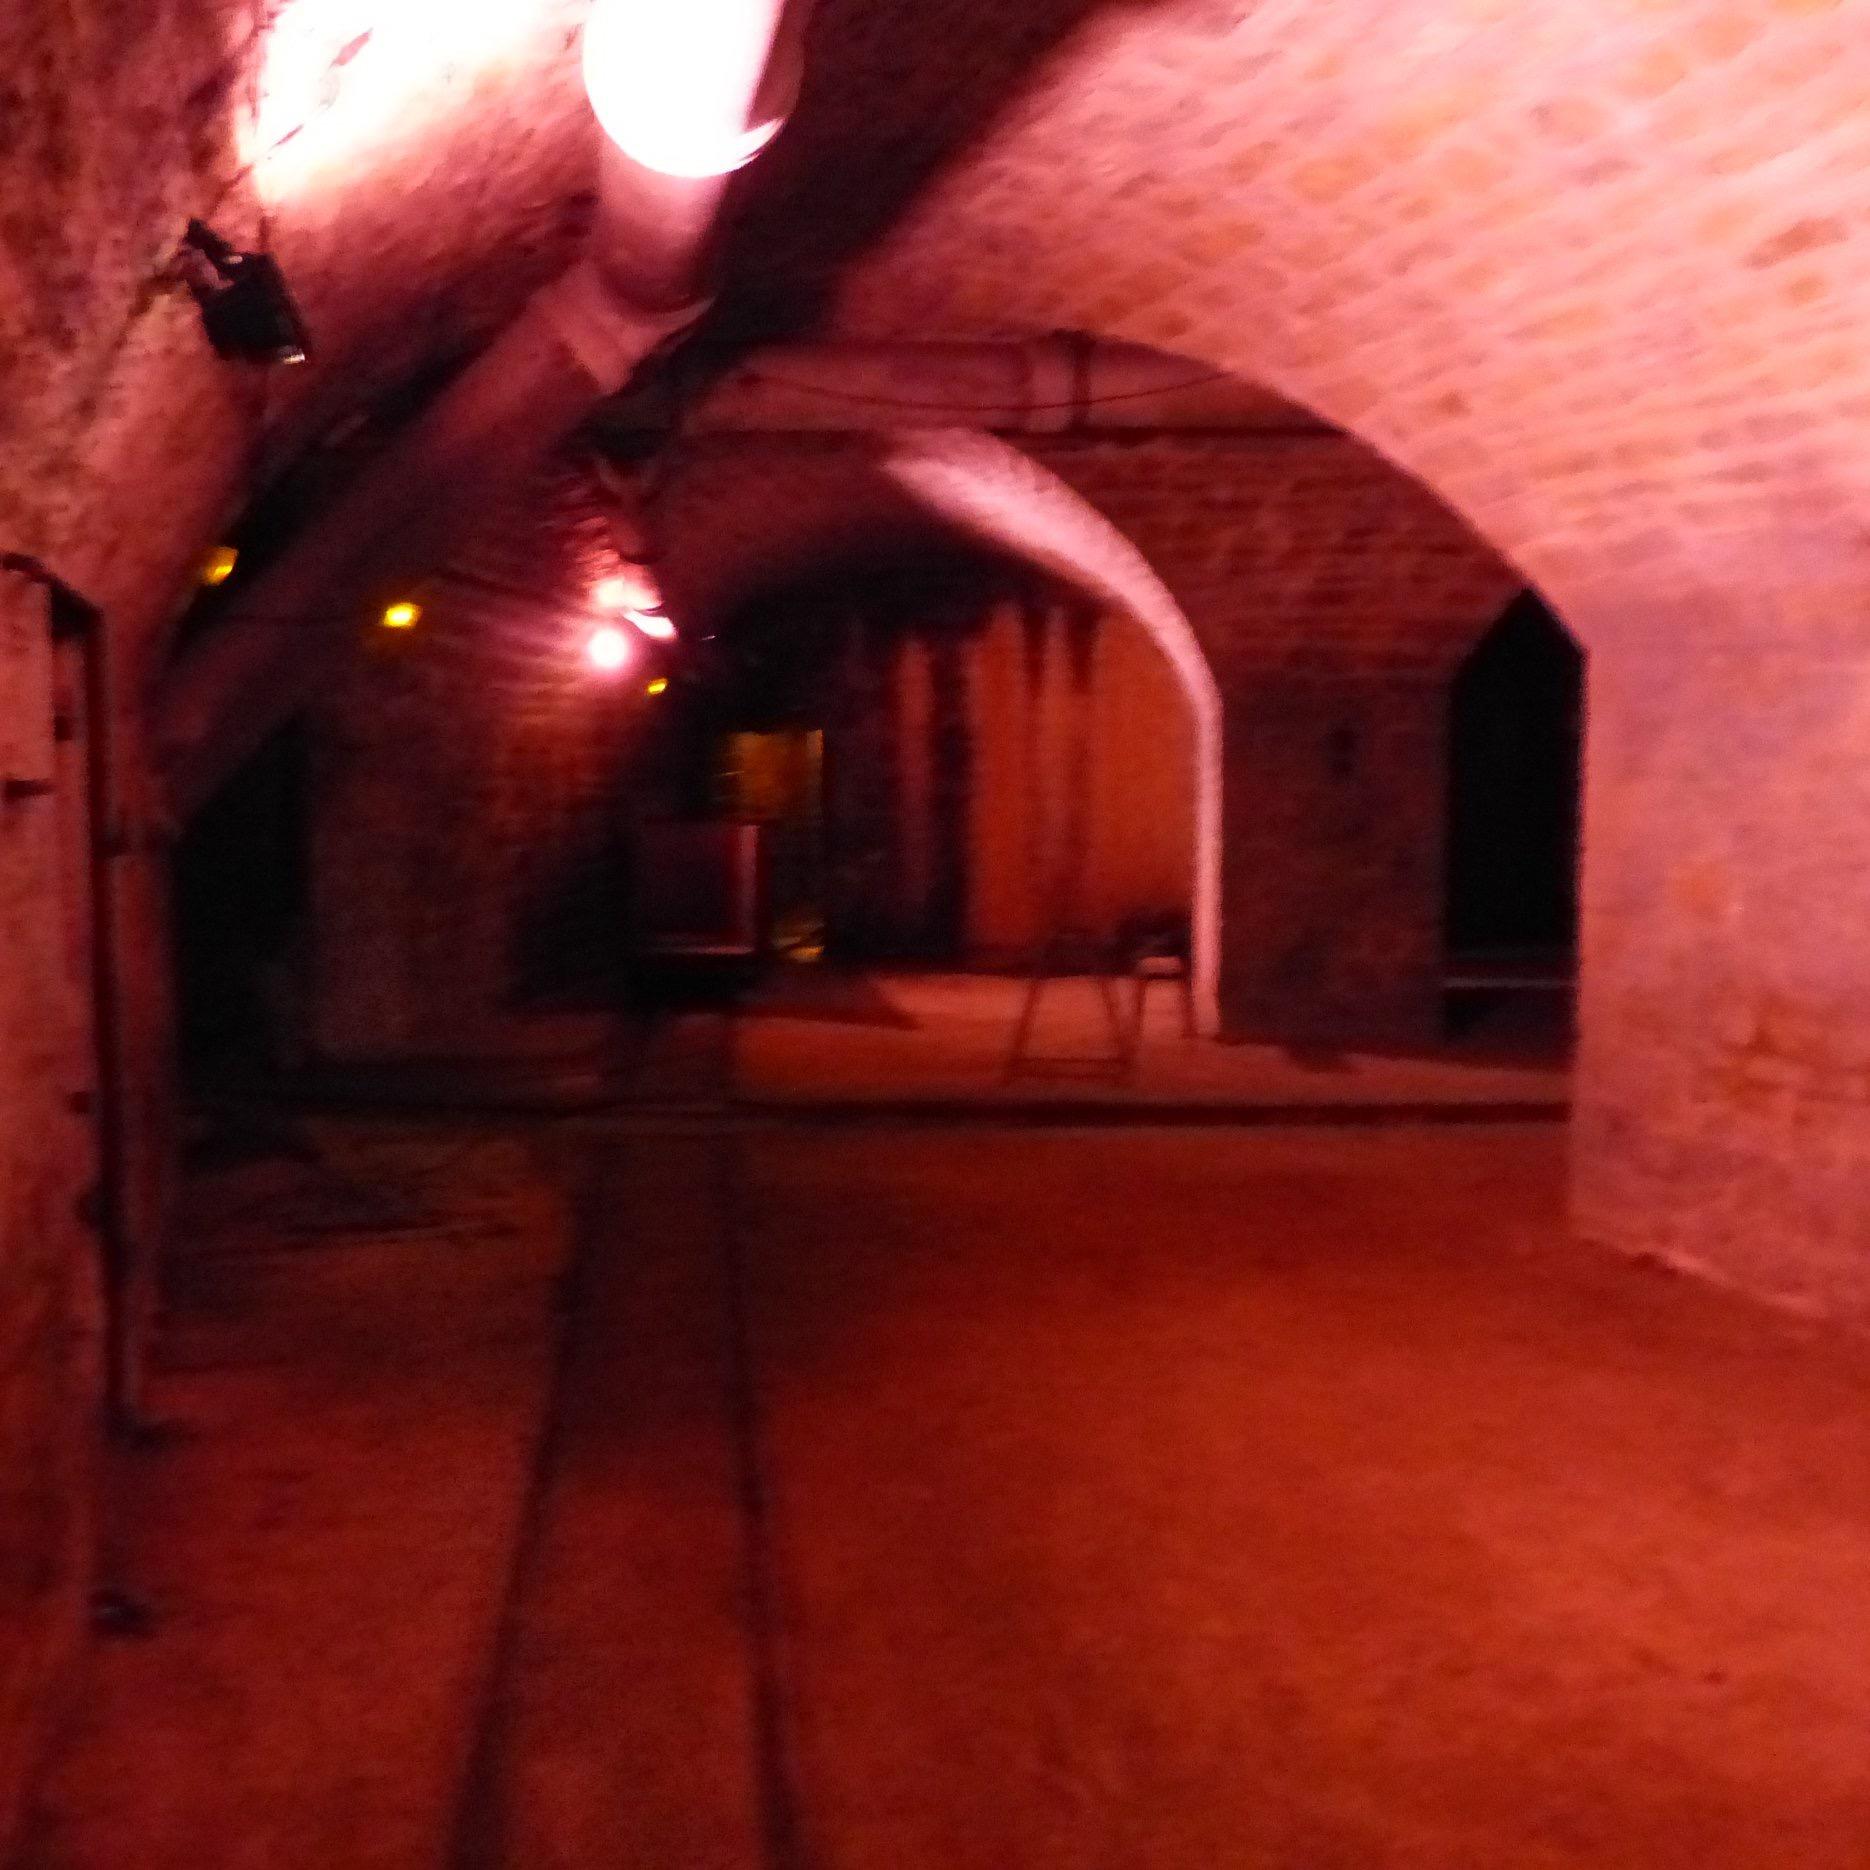 Champignonnière de Caluire - Fort de Montessuy (Photo J.-F. Godet)